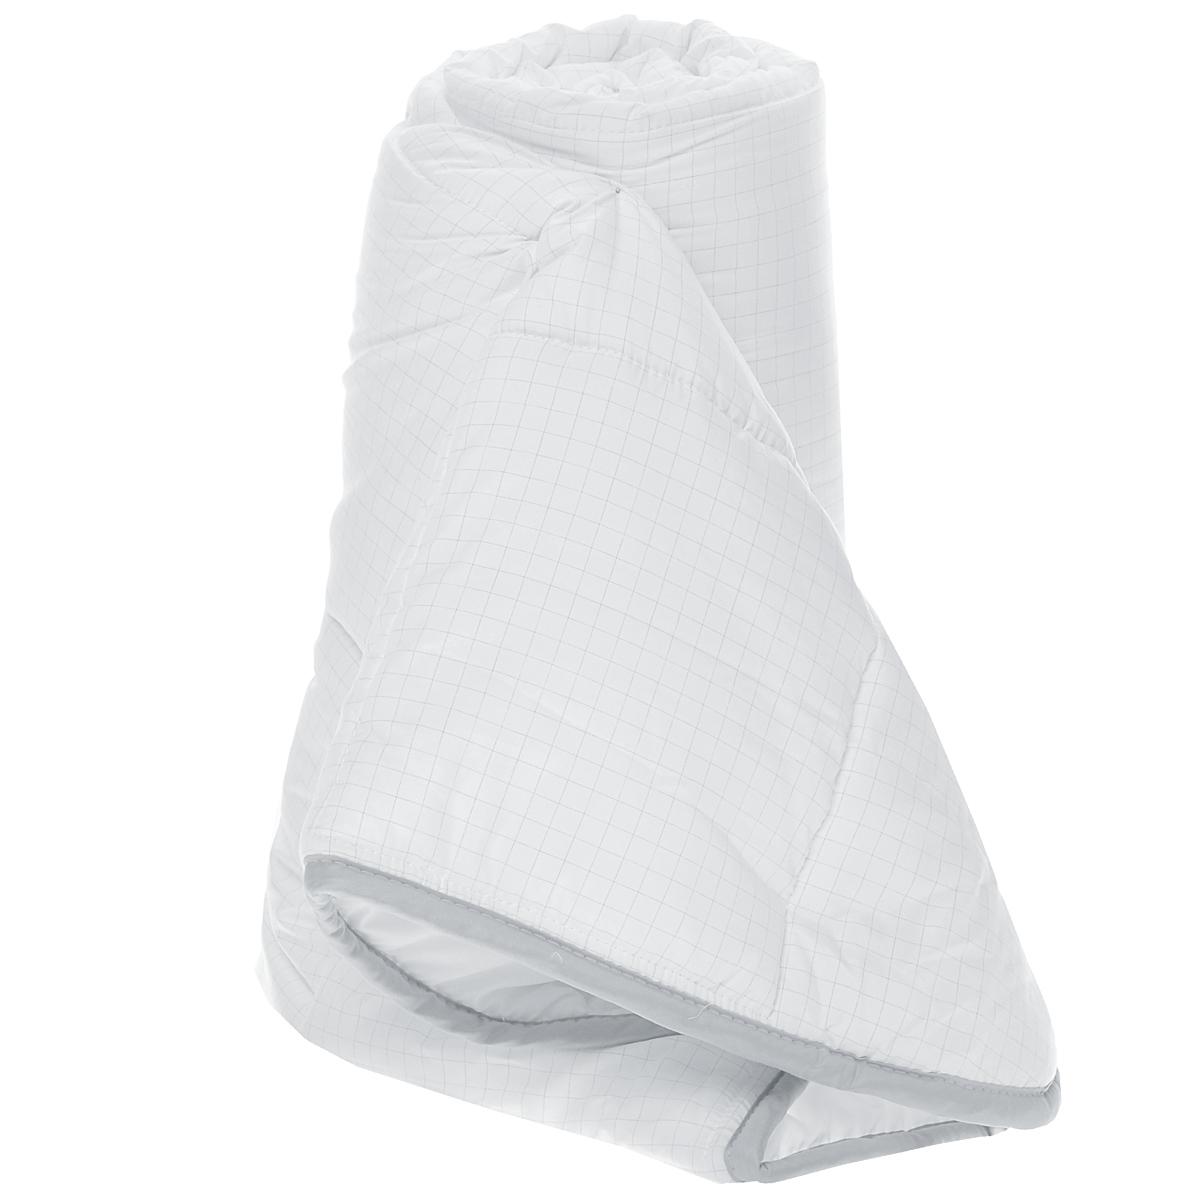 Одеяло легкое Comfort Line Антистресс, наполнитель: полиэстер, 172 см х 205 см174353Легкое одеяло Comfort Line Антистресс подарит незабываемое чувство комфорта и уюта во время сна. Одеяло выполнено по инновационной технологии с применением карбоновой нити, которая способна снимать и отводить статическое напряжение. При уменьшении статического электричества качество сна увеличивается, вы почувствуете себя более отдохнувшим и снявшим стресс. Идеально подойдет людям, которые много времени проводят на работе, подвержены стрессу и заботятся о своем здоровье. Изделие также отлично отводит и испаряет влагу.Одеяло упаковано в пластиковую сумку-чехол, закрывающуюся на застежку-молнию.Рекомендации по уходу: - Можно стирать в стиральной машине при температуре не выше 30°С. - Не отбеливать. - Не гладить. - Нельзя отжимать и сушить в стиральной машине. - Химчистка с мягким растворителем. - Сушить вертикально. Материал чехла: микрофибра (99,4% полиэстер, 0,6% карбон).Наполнитель: полиэстеровое волокно (100% полиэстер). Размер: 172 см х 205 см. Масса наполнителя: 150 г/м2.